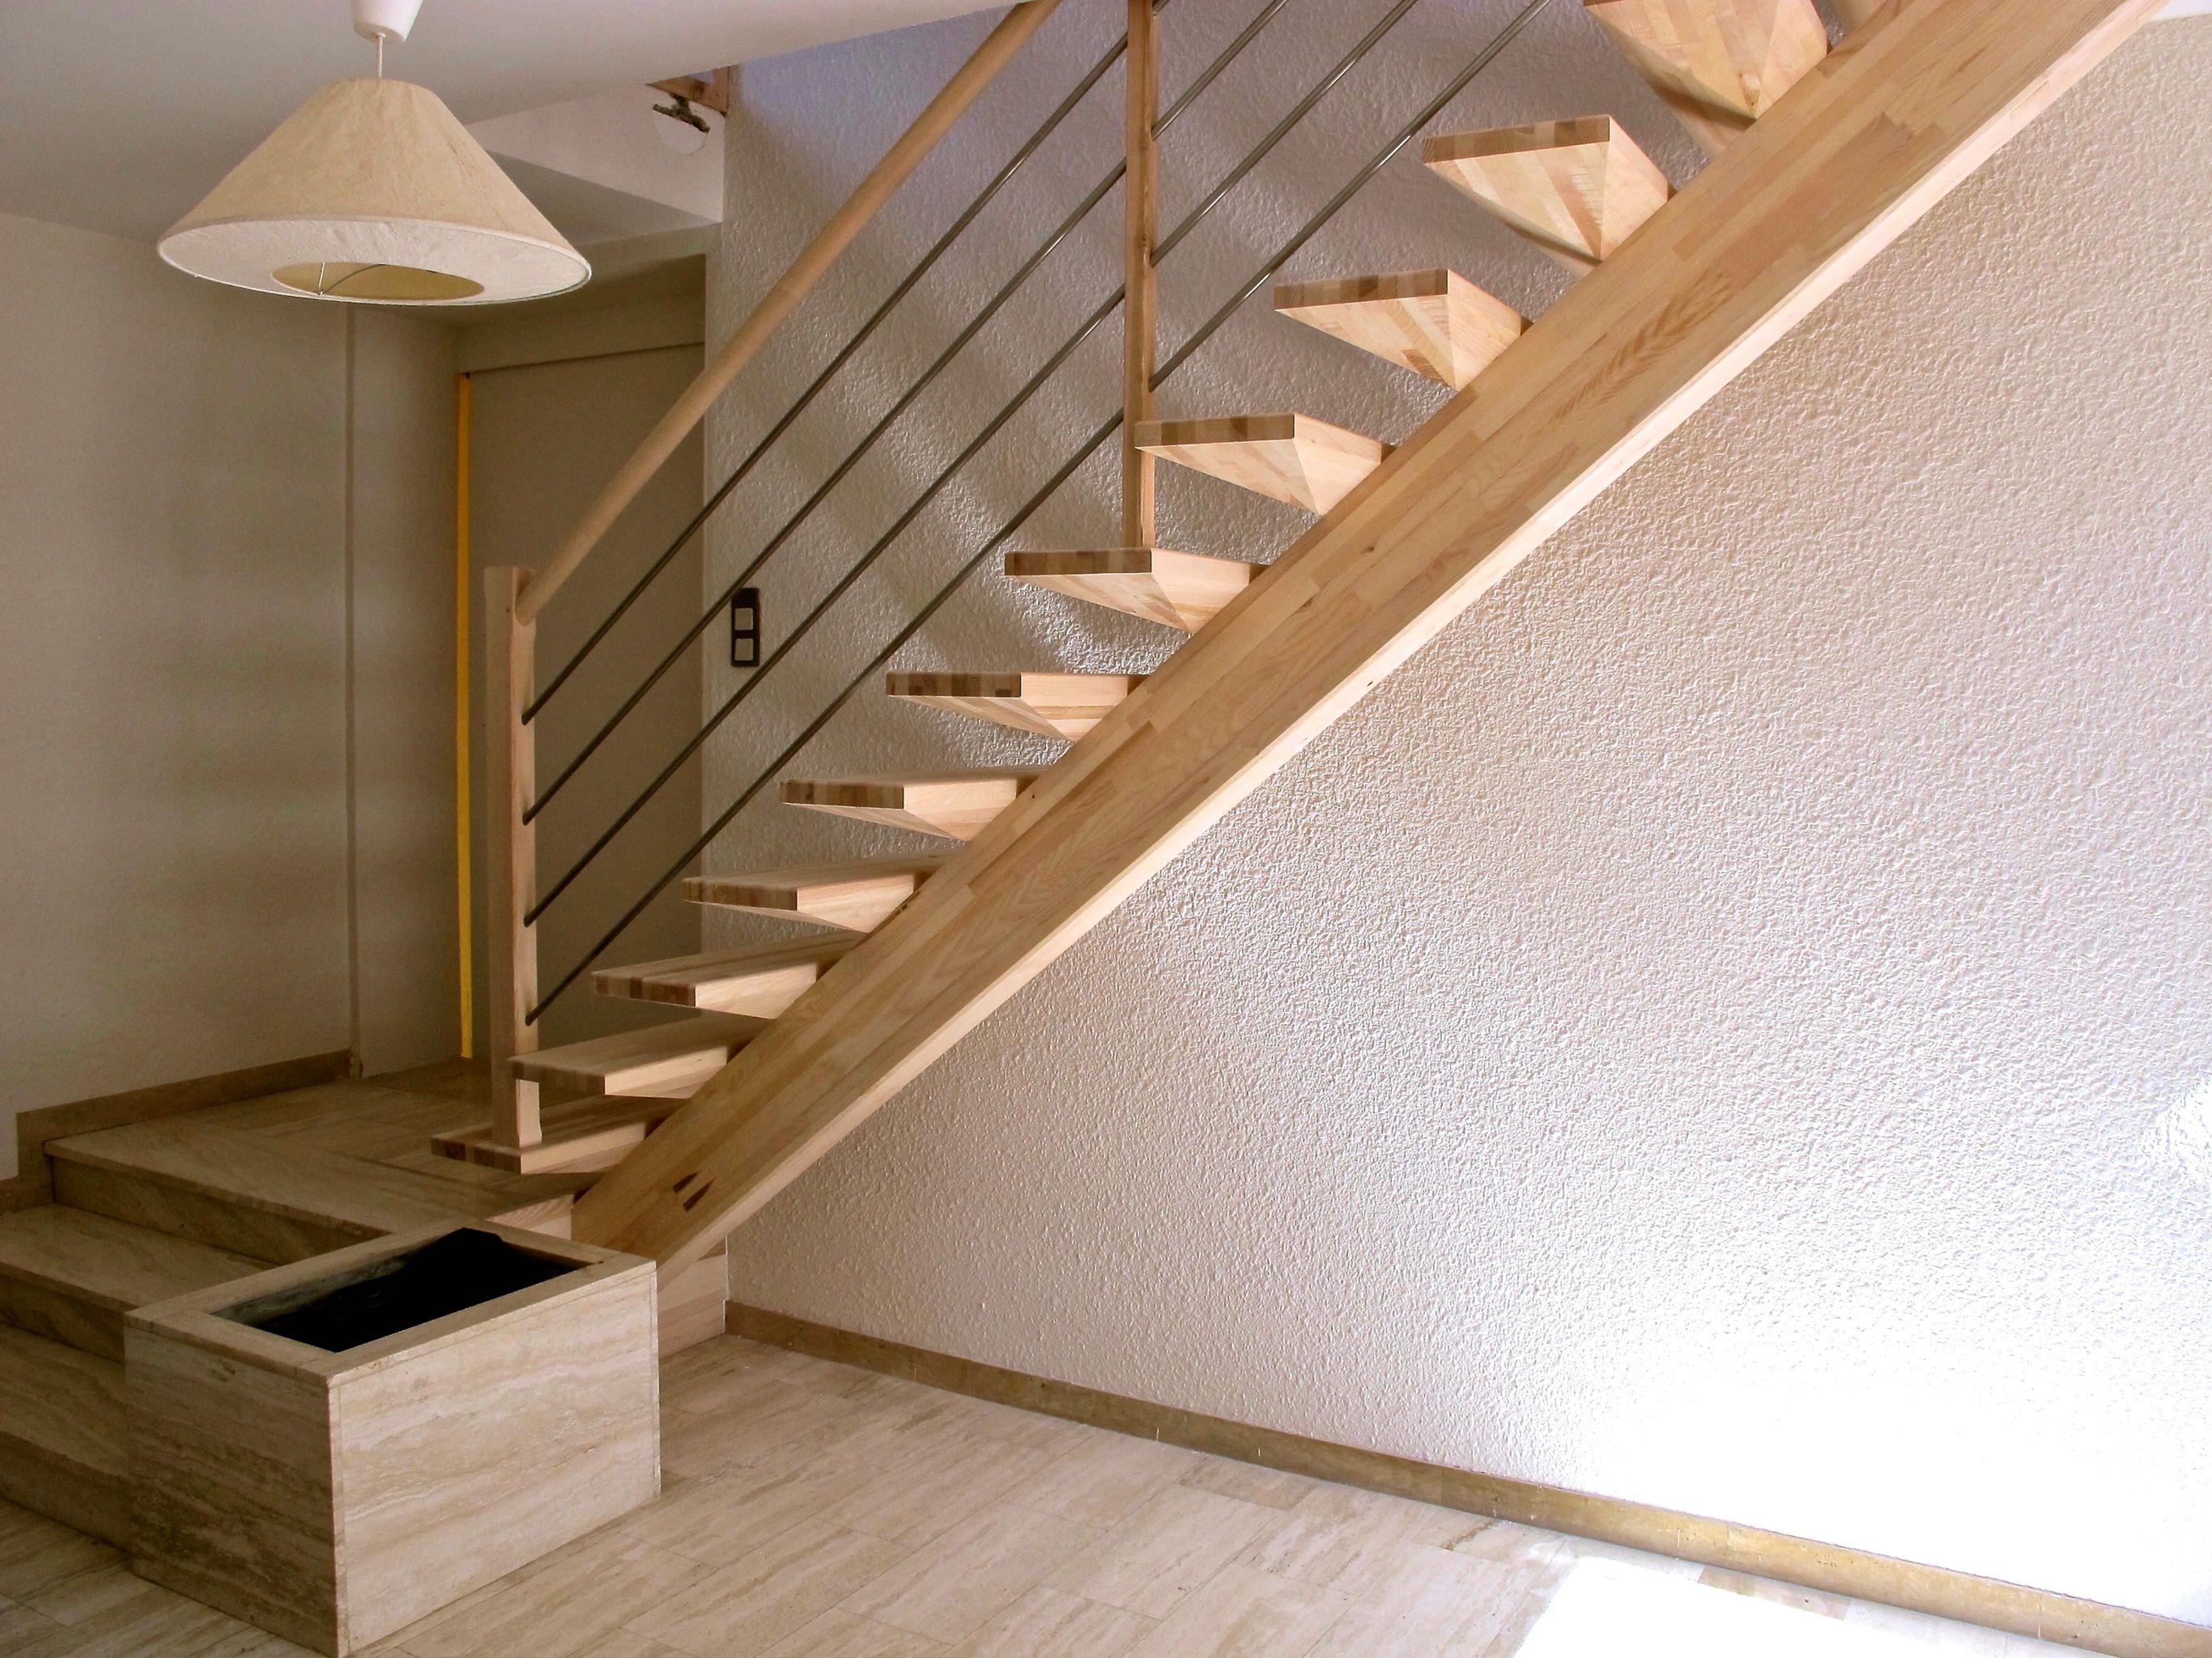 escalier droit en lamell coll fr ne sur limon central. Black Bedroom Furniture Sets. Home Design Ideas